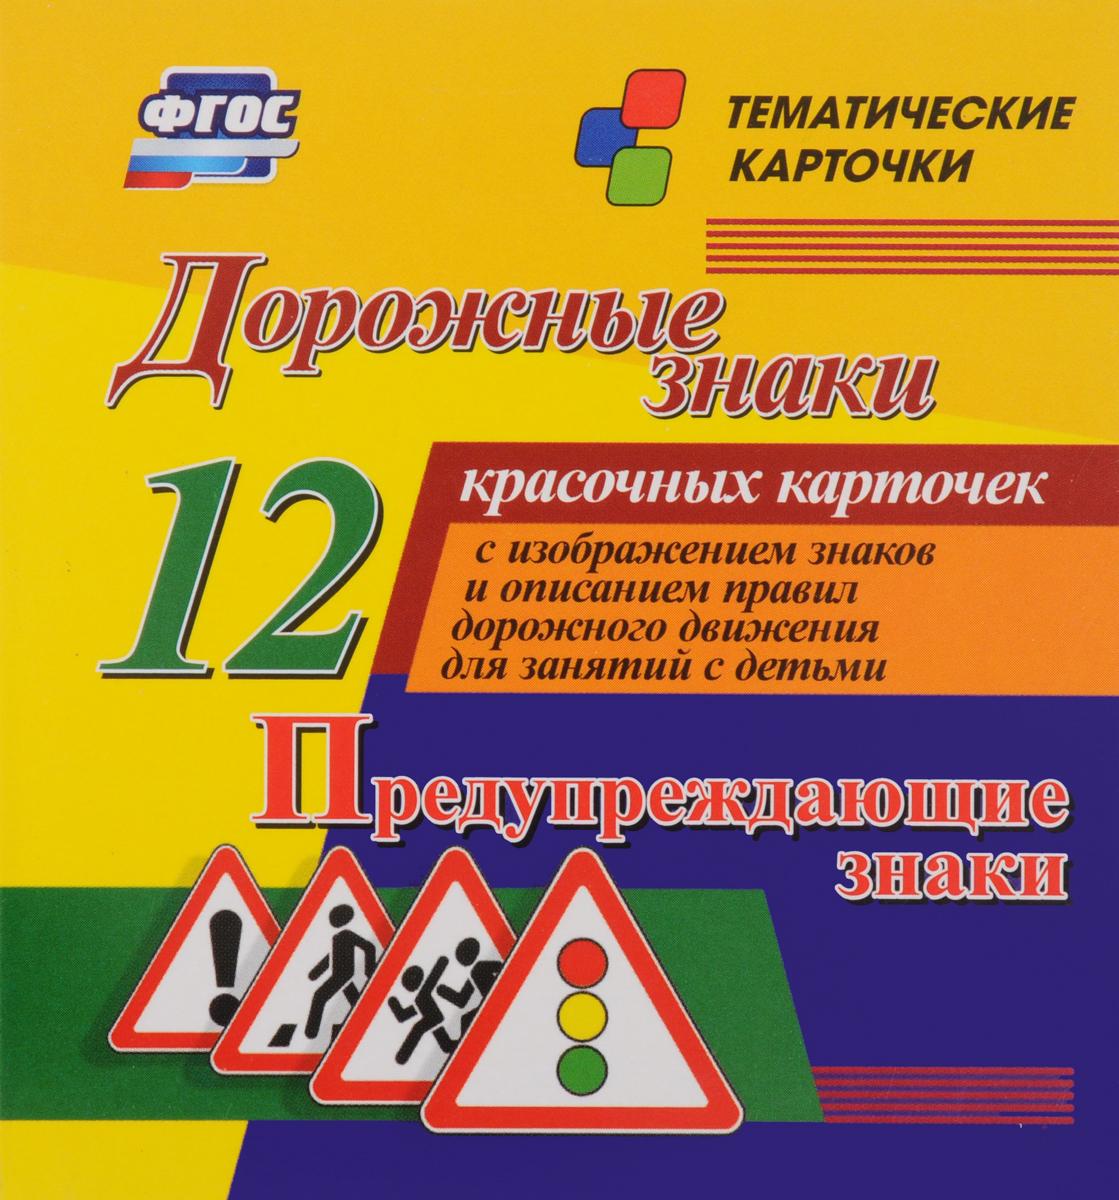 Дорожные знаки. Предупреждающие знаки (набор из 12 карточек) цена